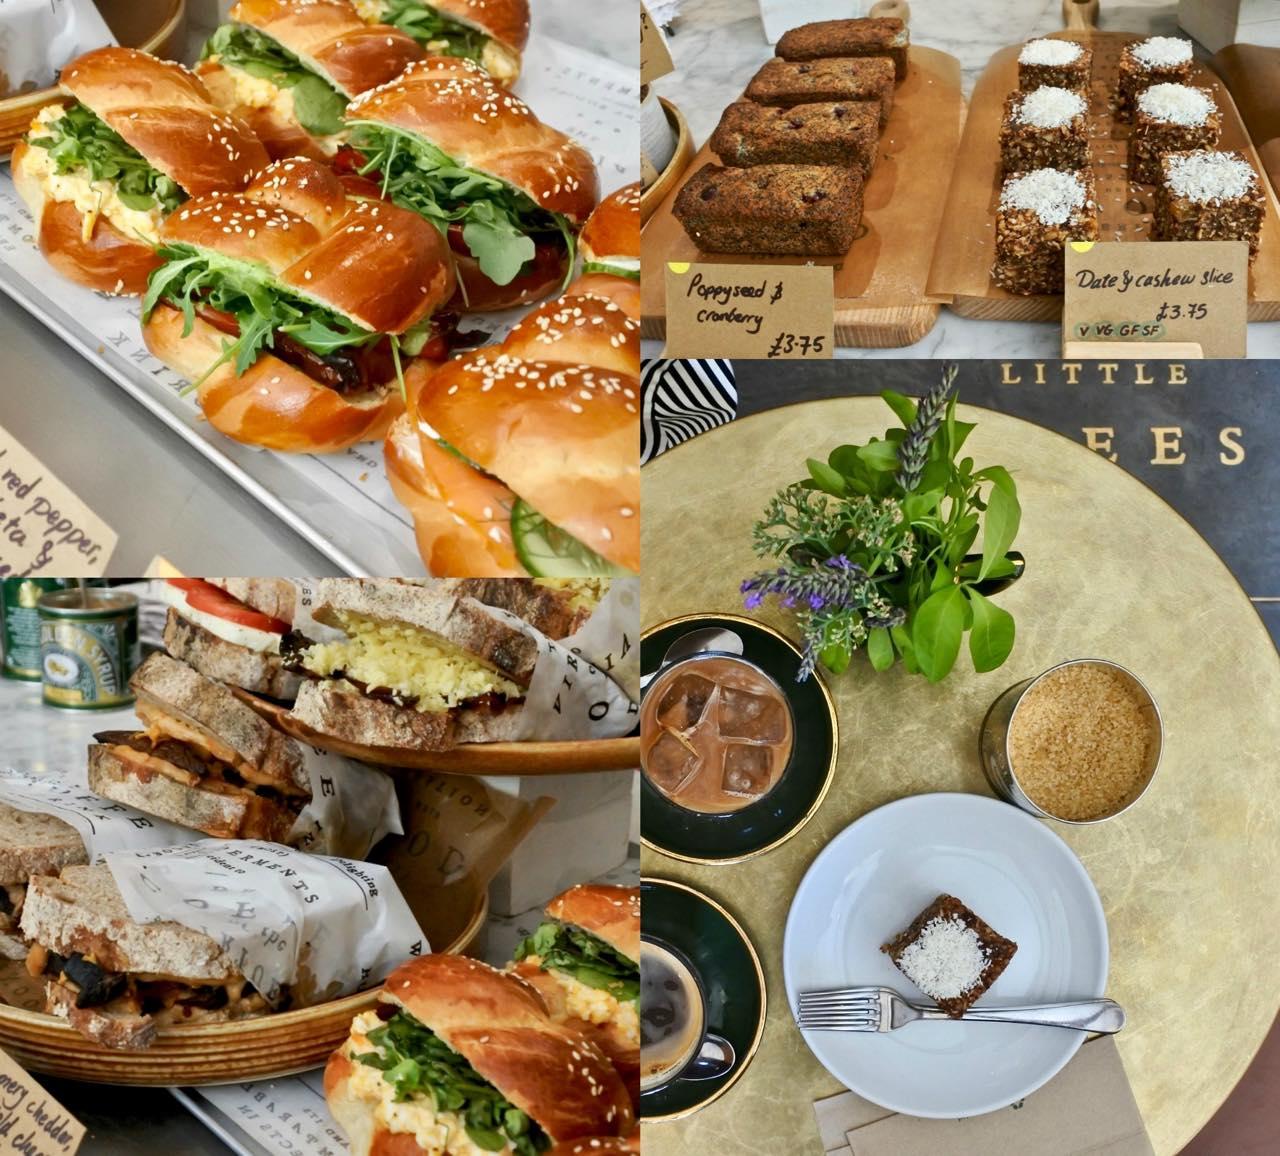 食材へのこだわりがウェブサイトで謳われています。小規模生産者から仕入れた国内産食材は環境への負荷の少ない方法で作られトレードされています。